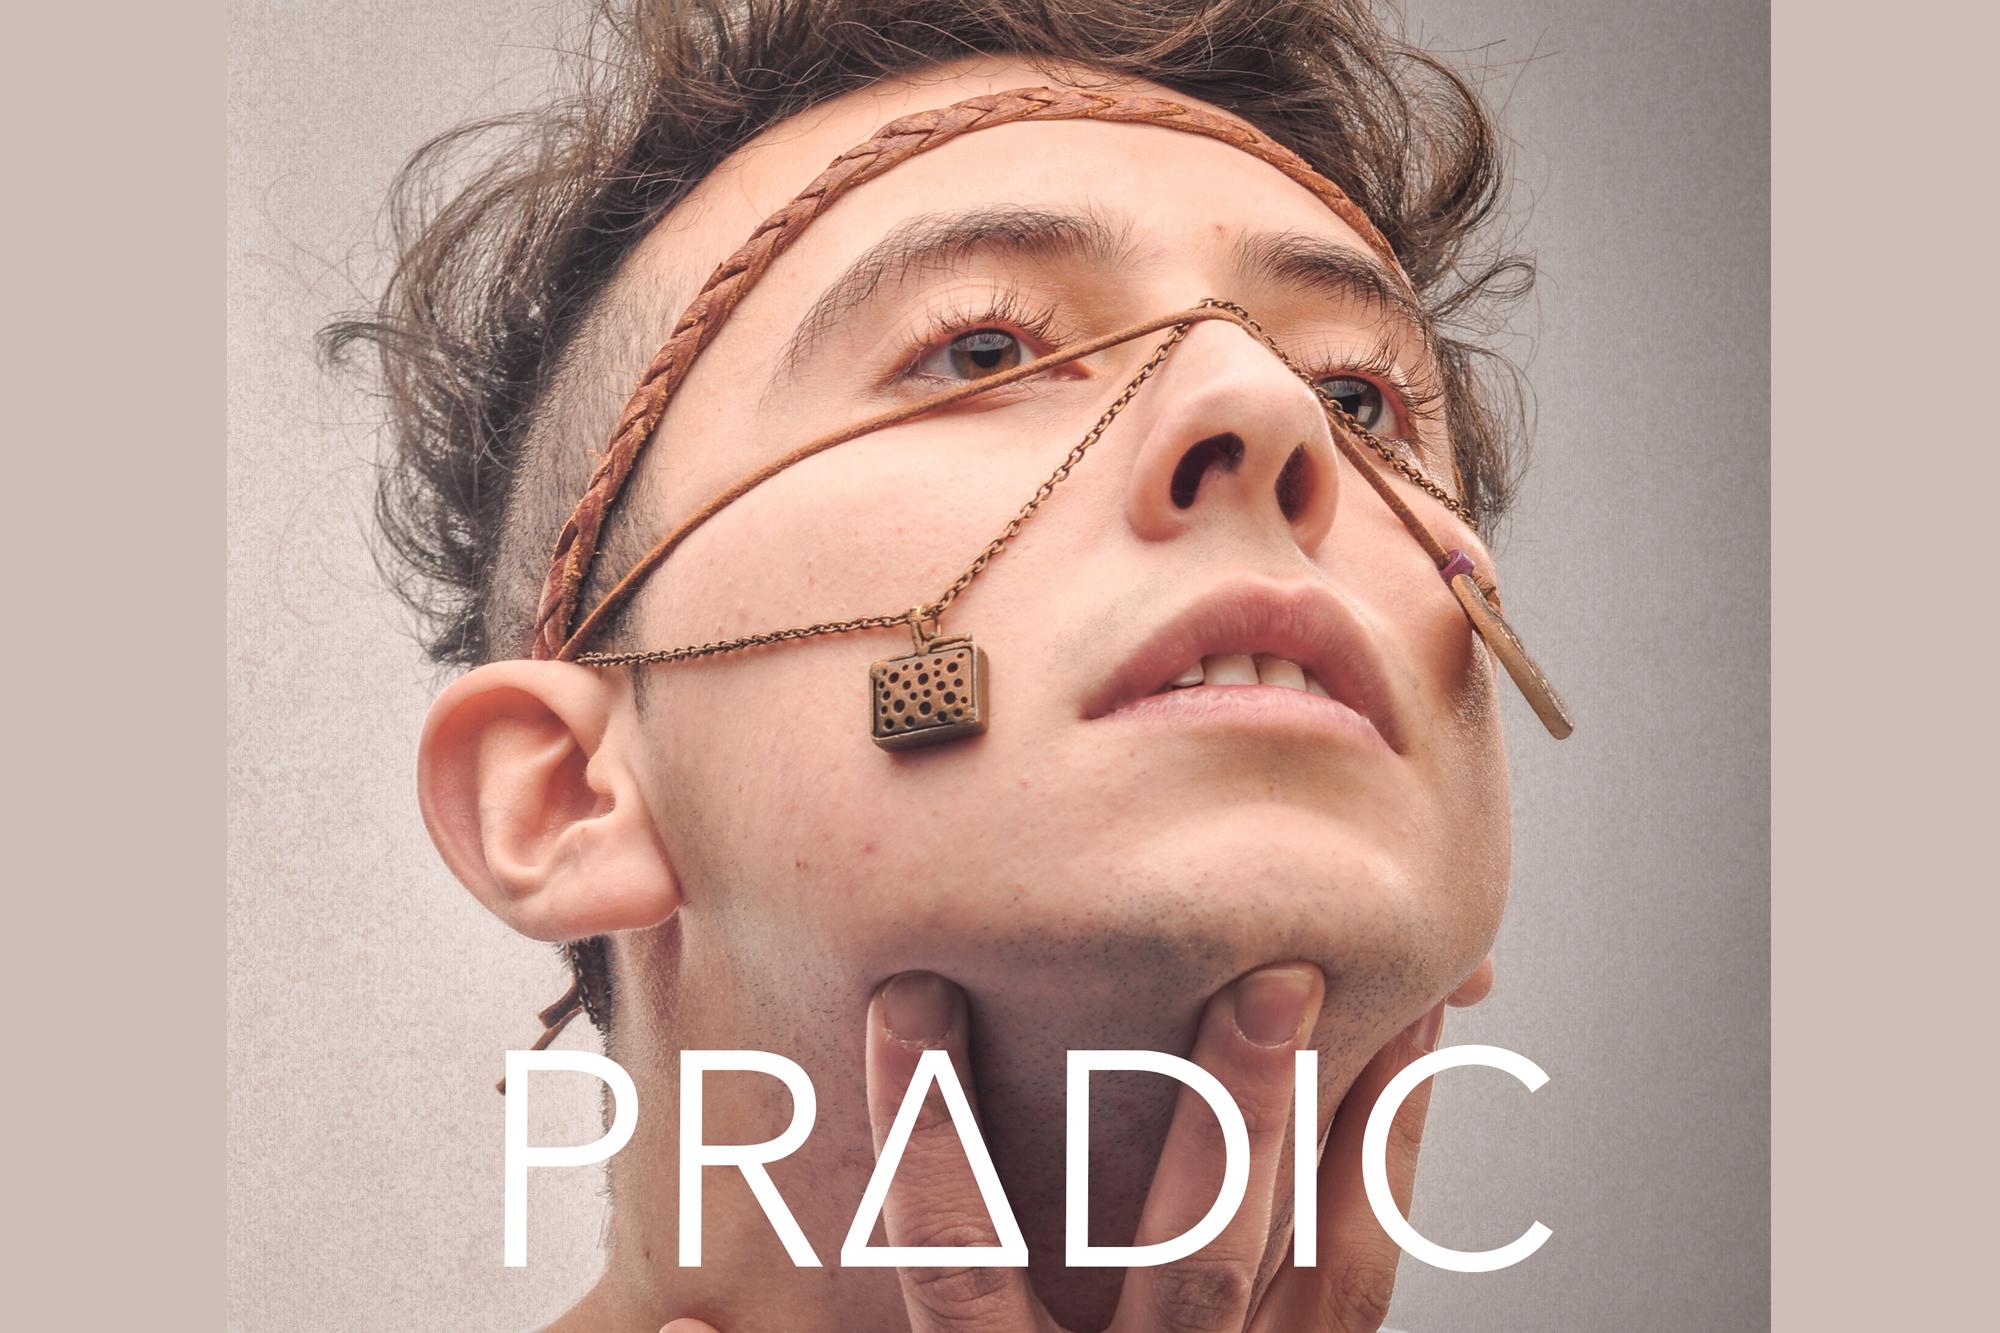 Pradic-web.jpg